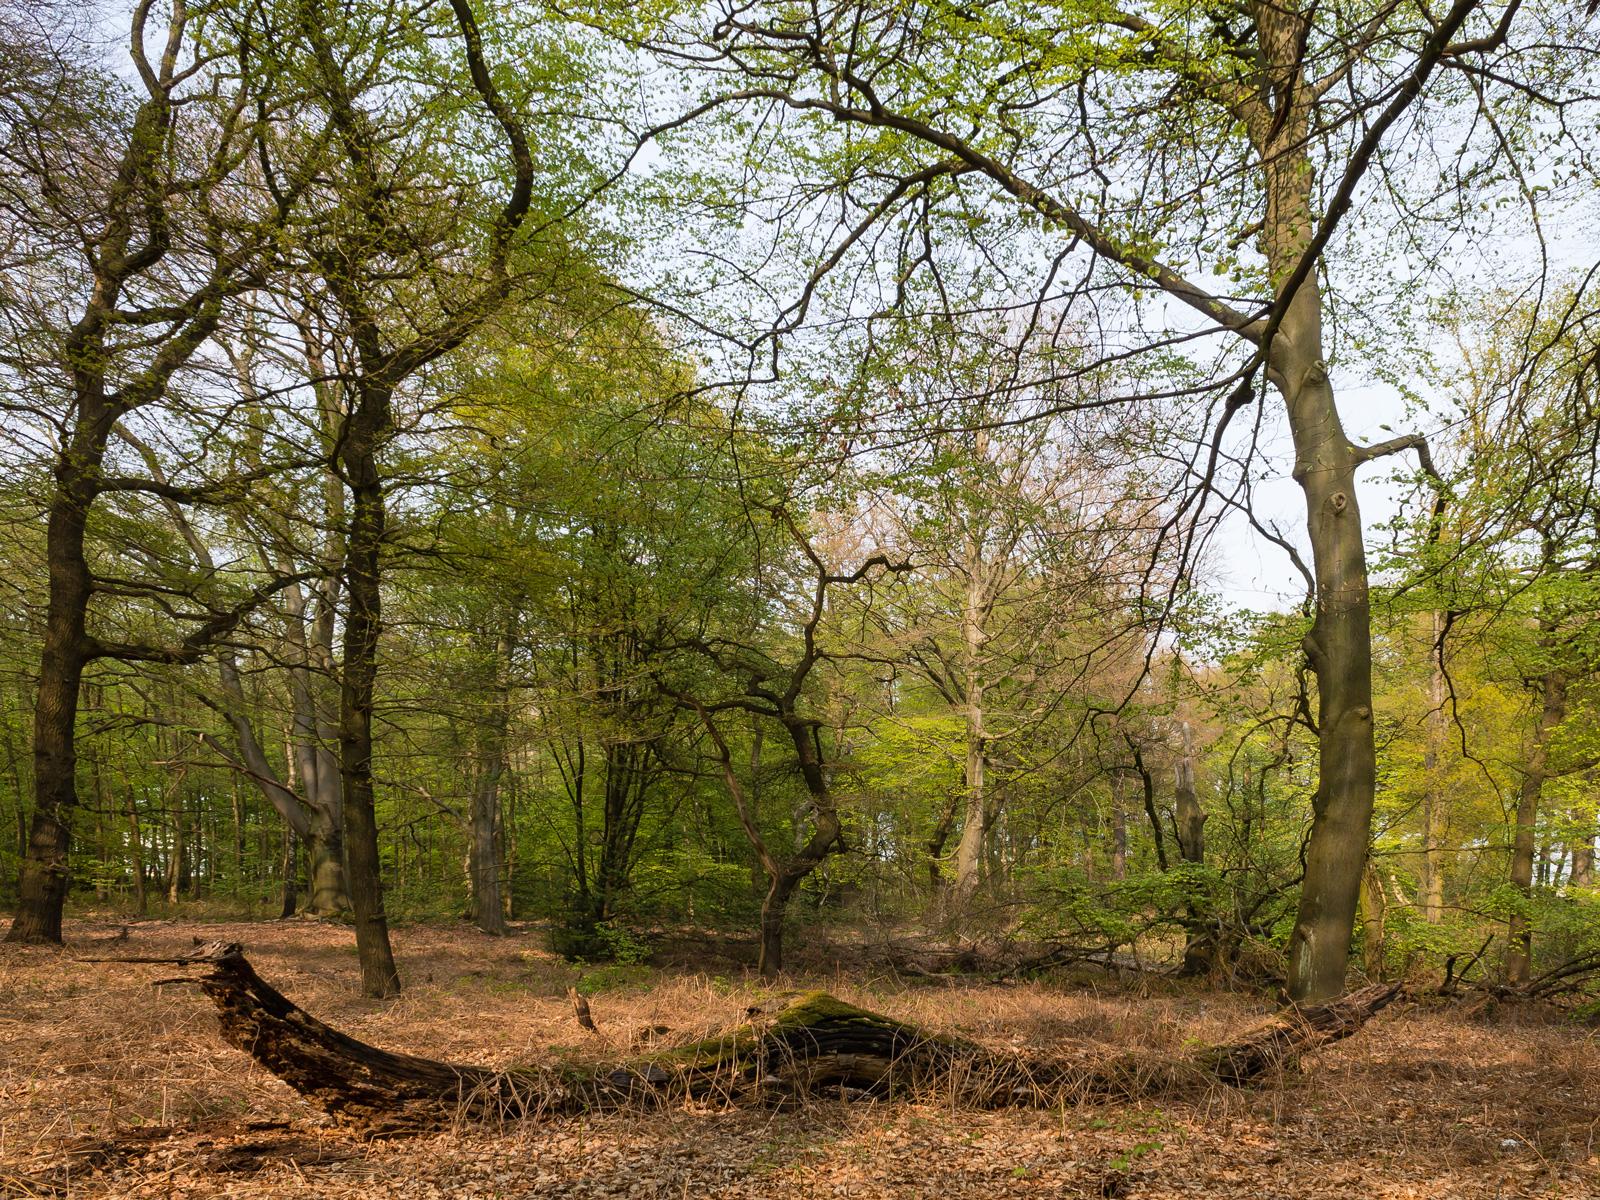 Liegendes Totholz vor Eichen und Buchen